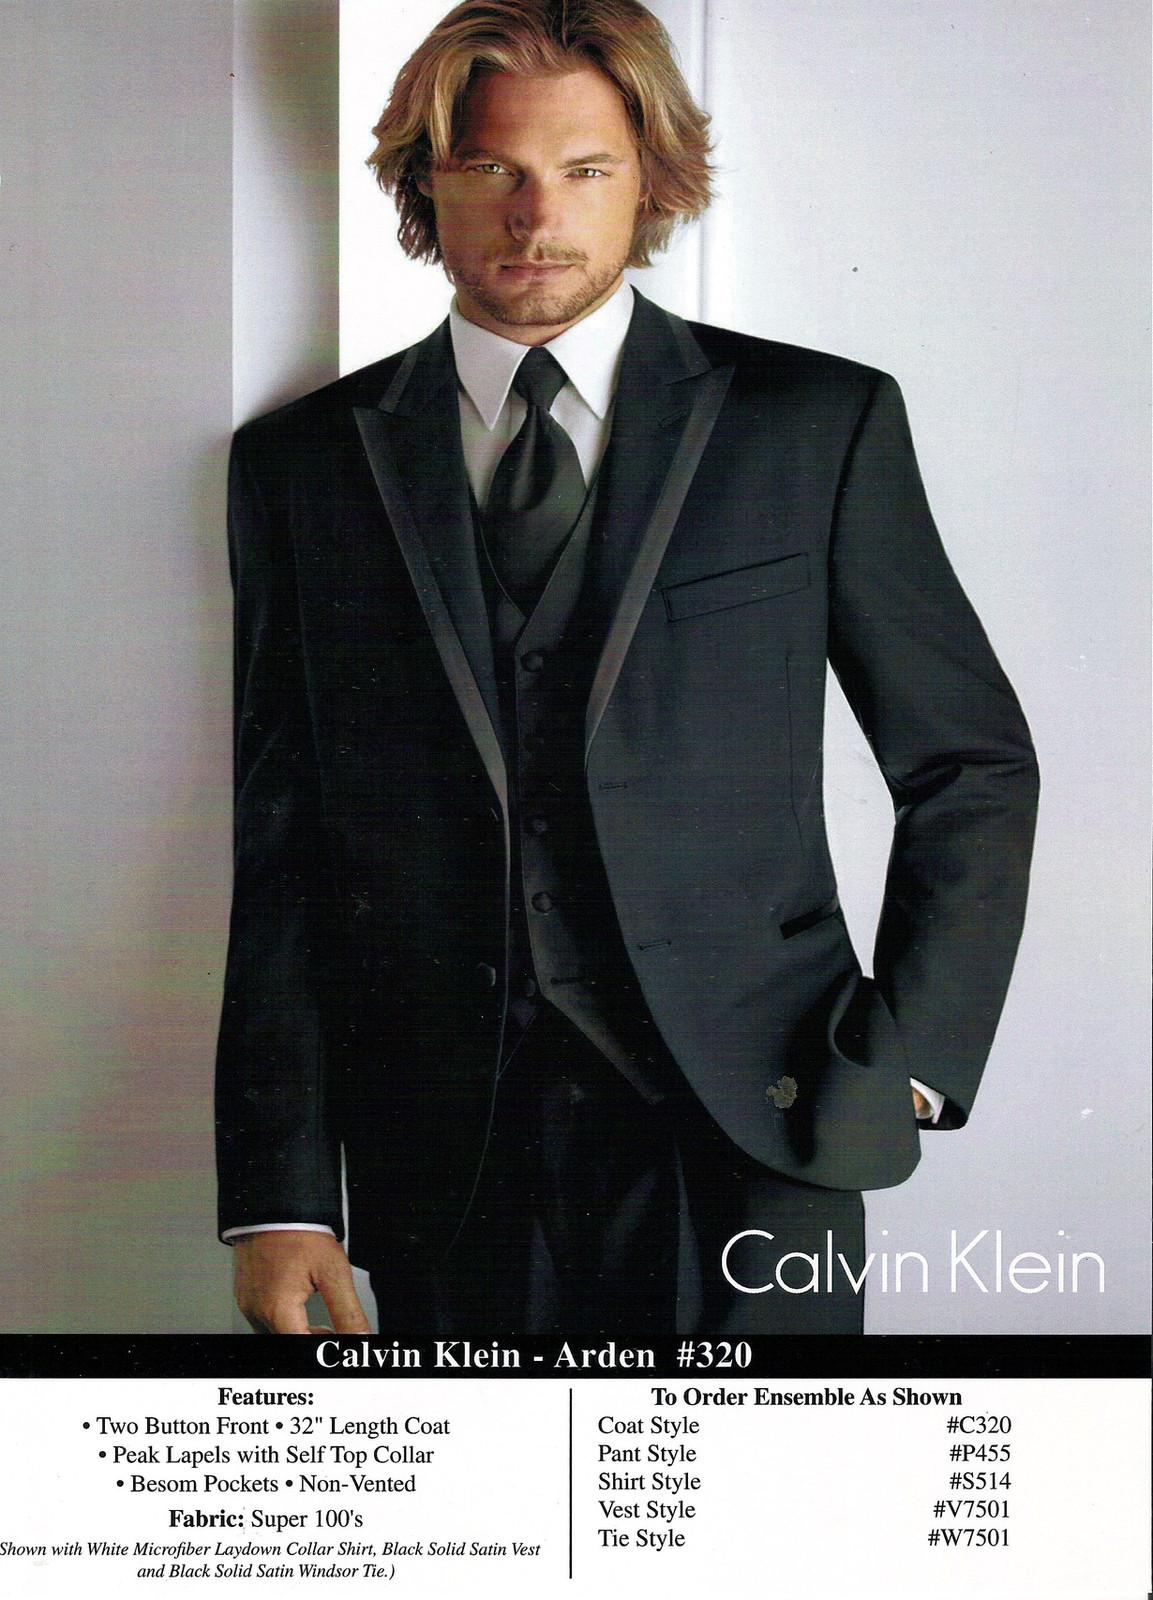 Calvin Klein - Arden #320 | Mr. Perry\'s Tuxedo - Men\'s Tux and ...